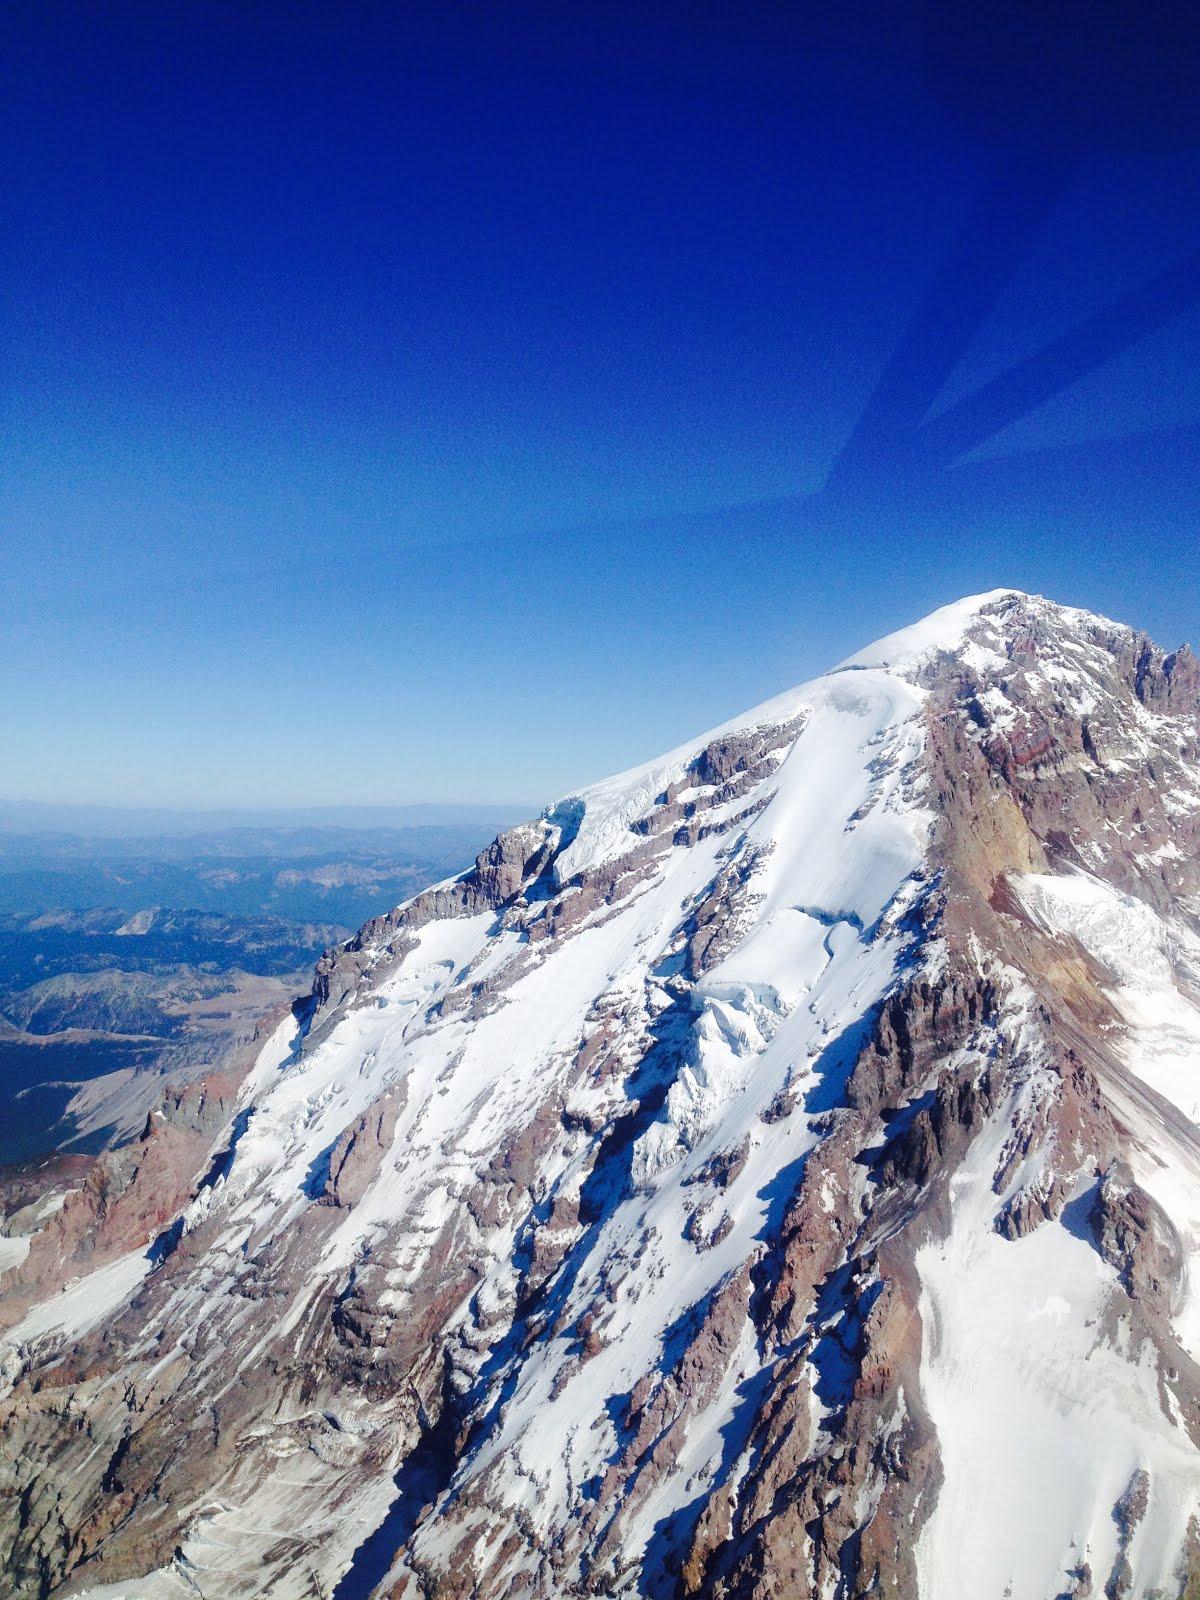 Mt. Rainer.